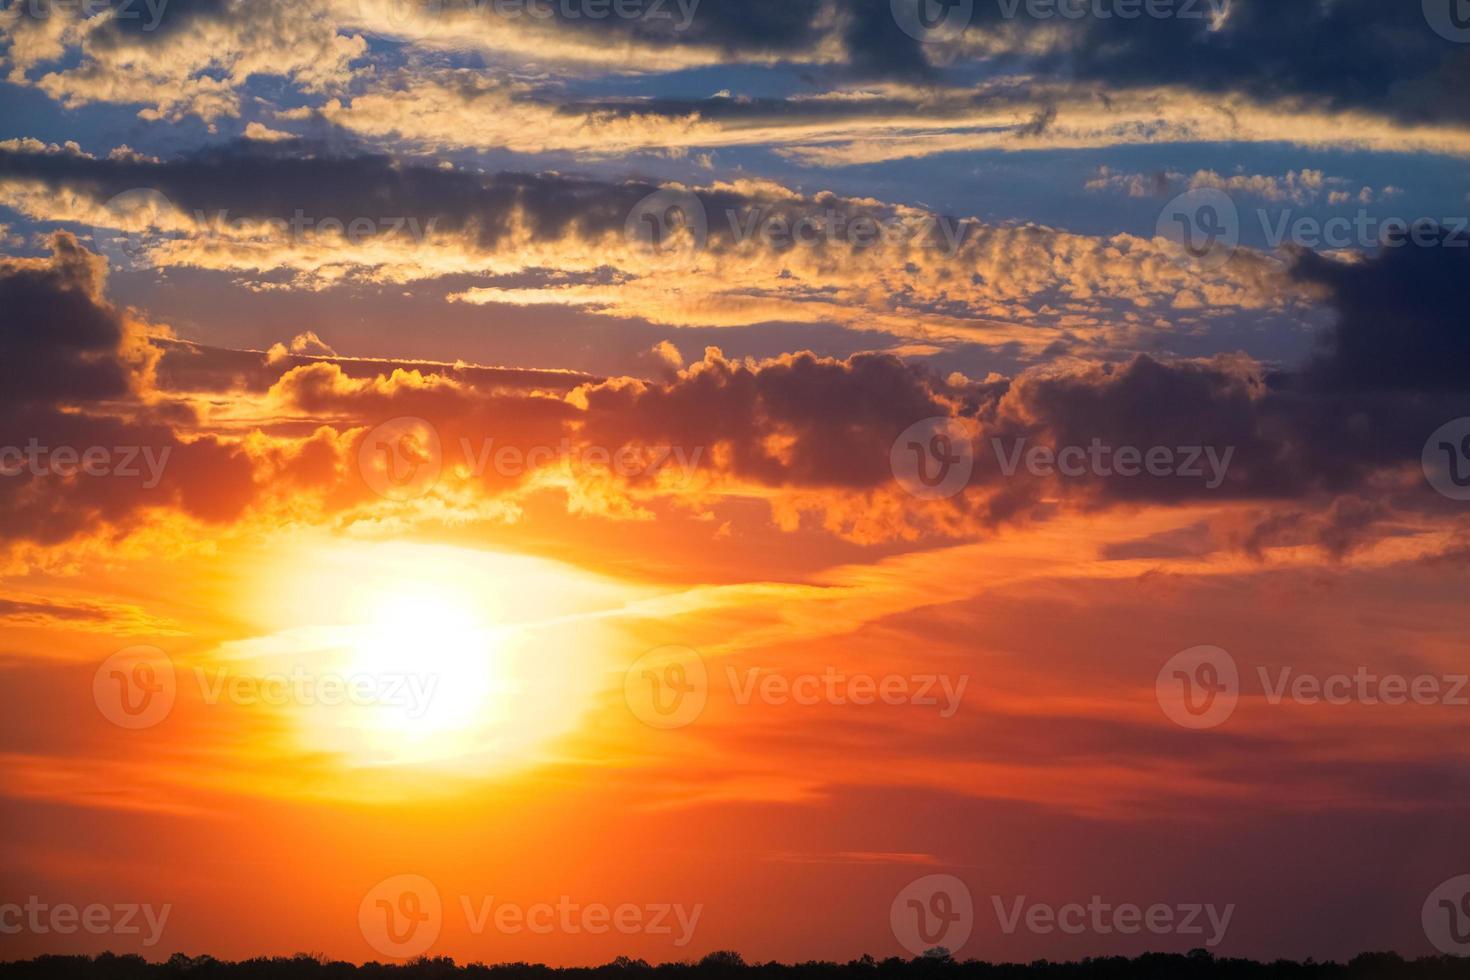 vurige zonsondergang. mooie lucht. foto